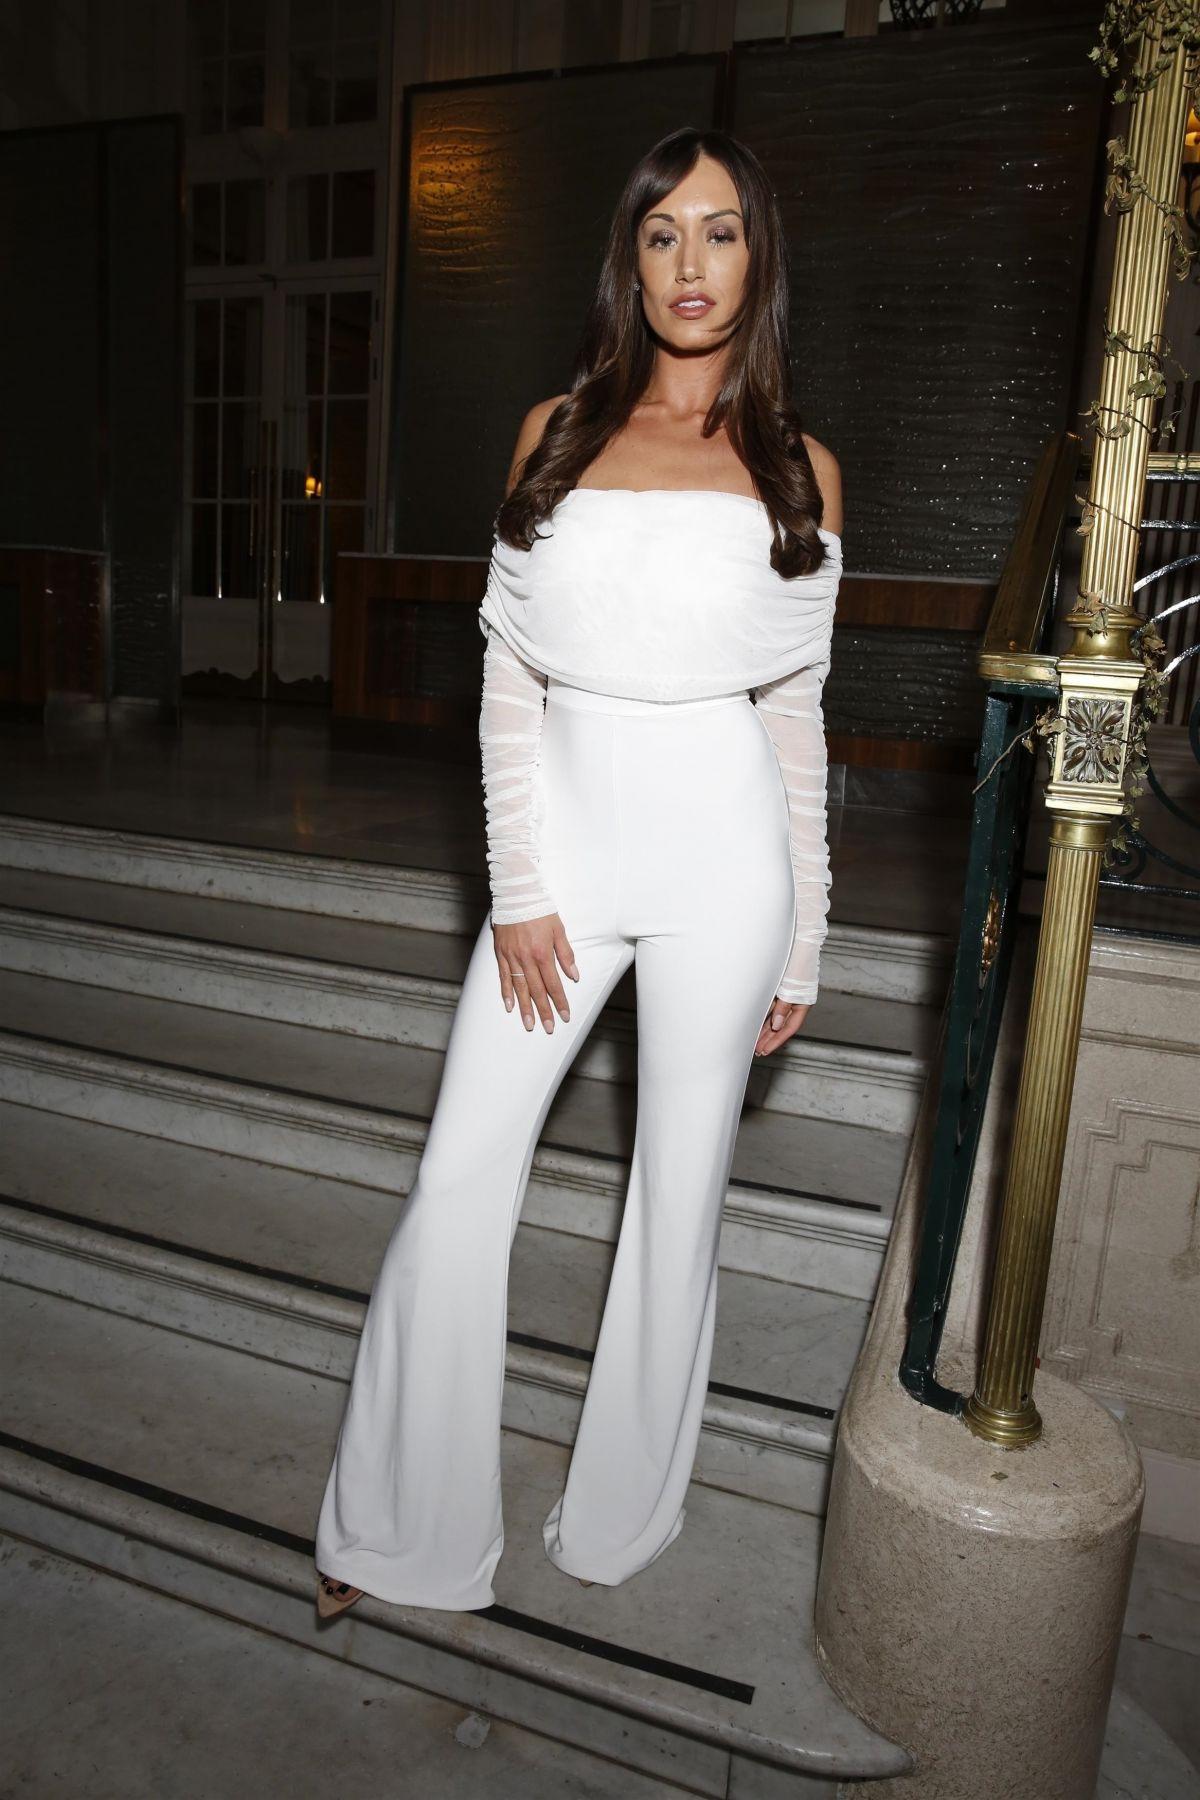 Celebrity Brooke Eva nude photos 2019